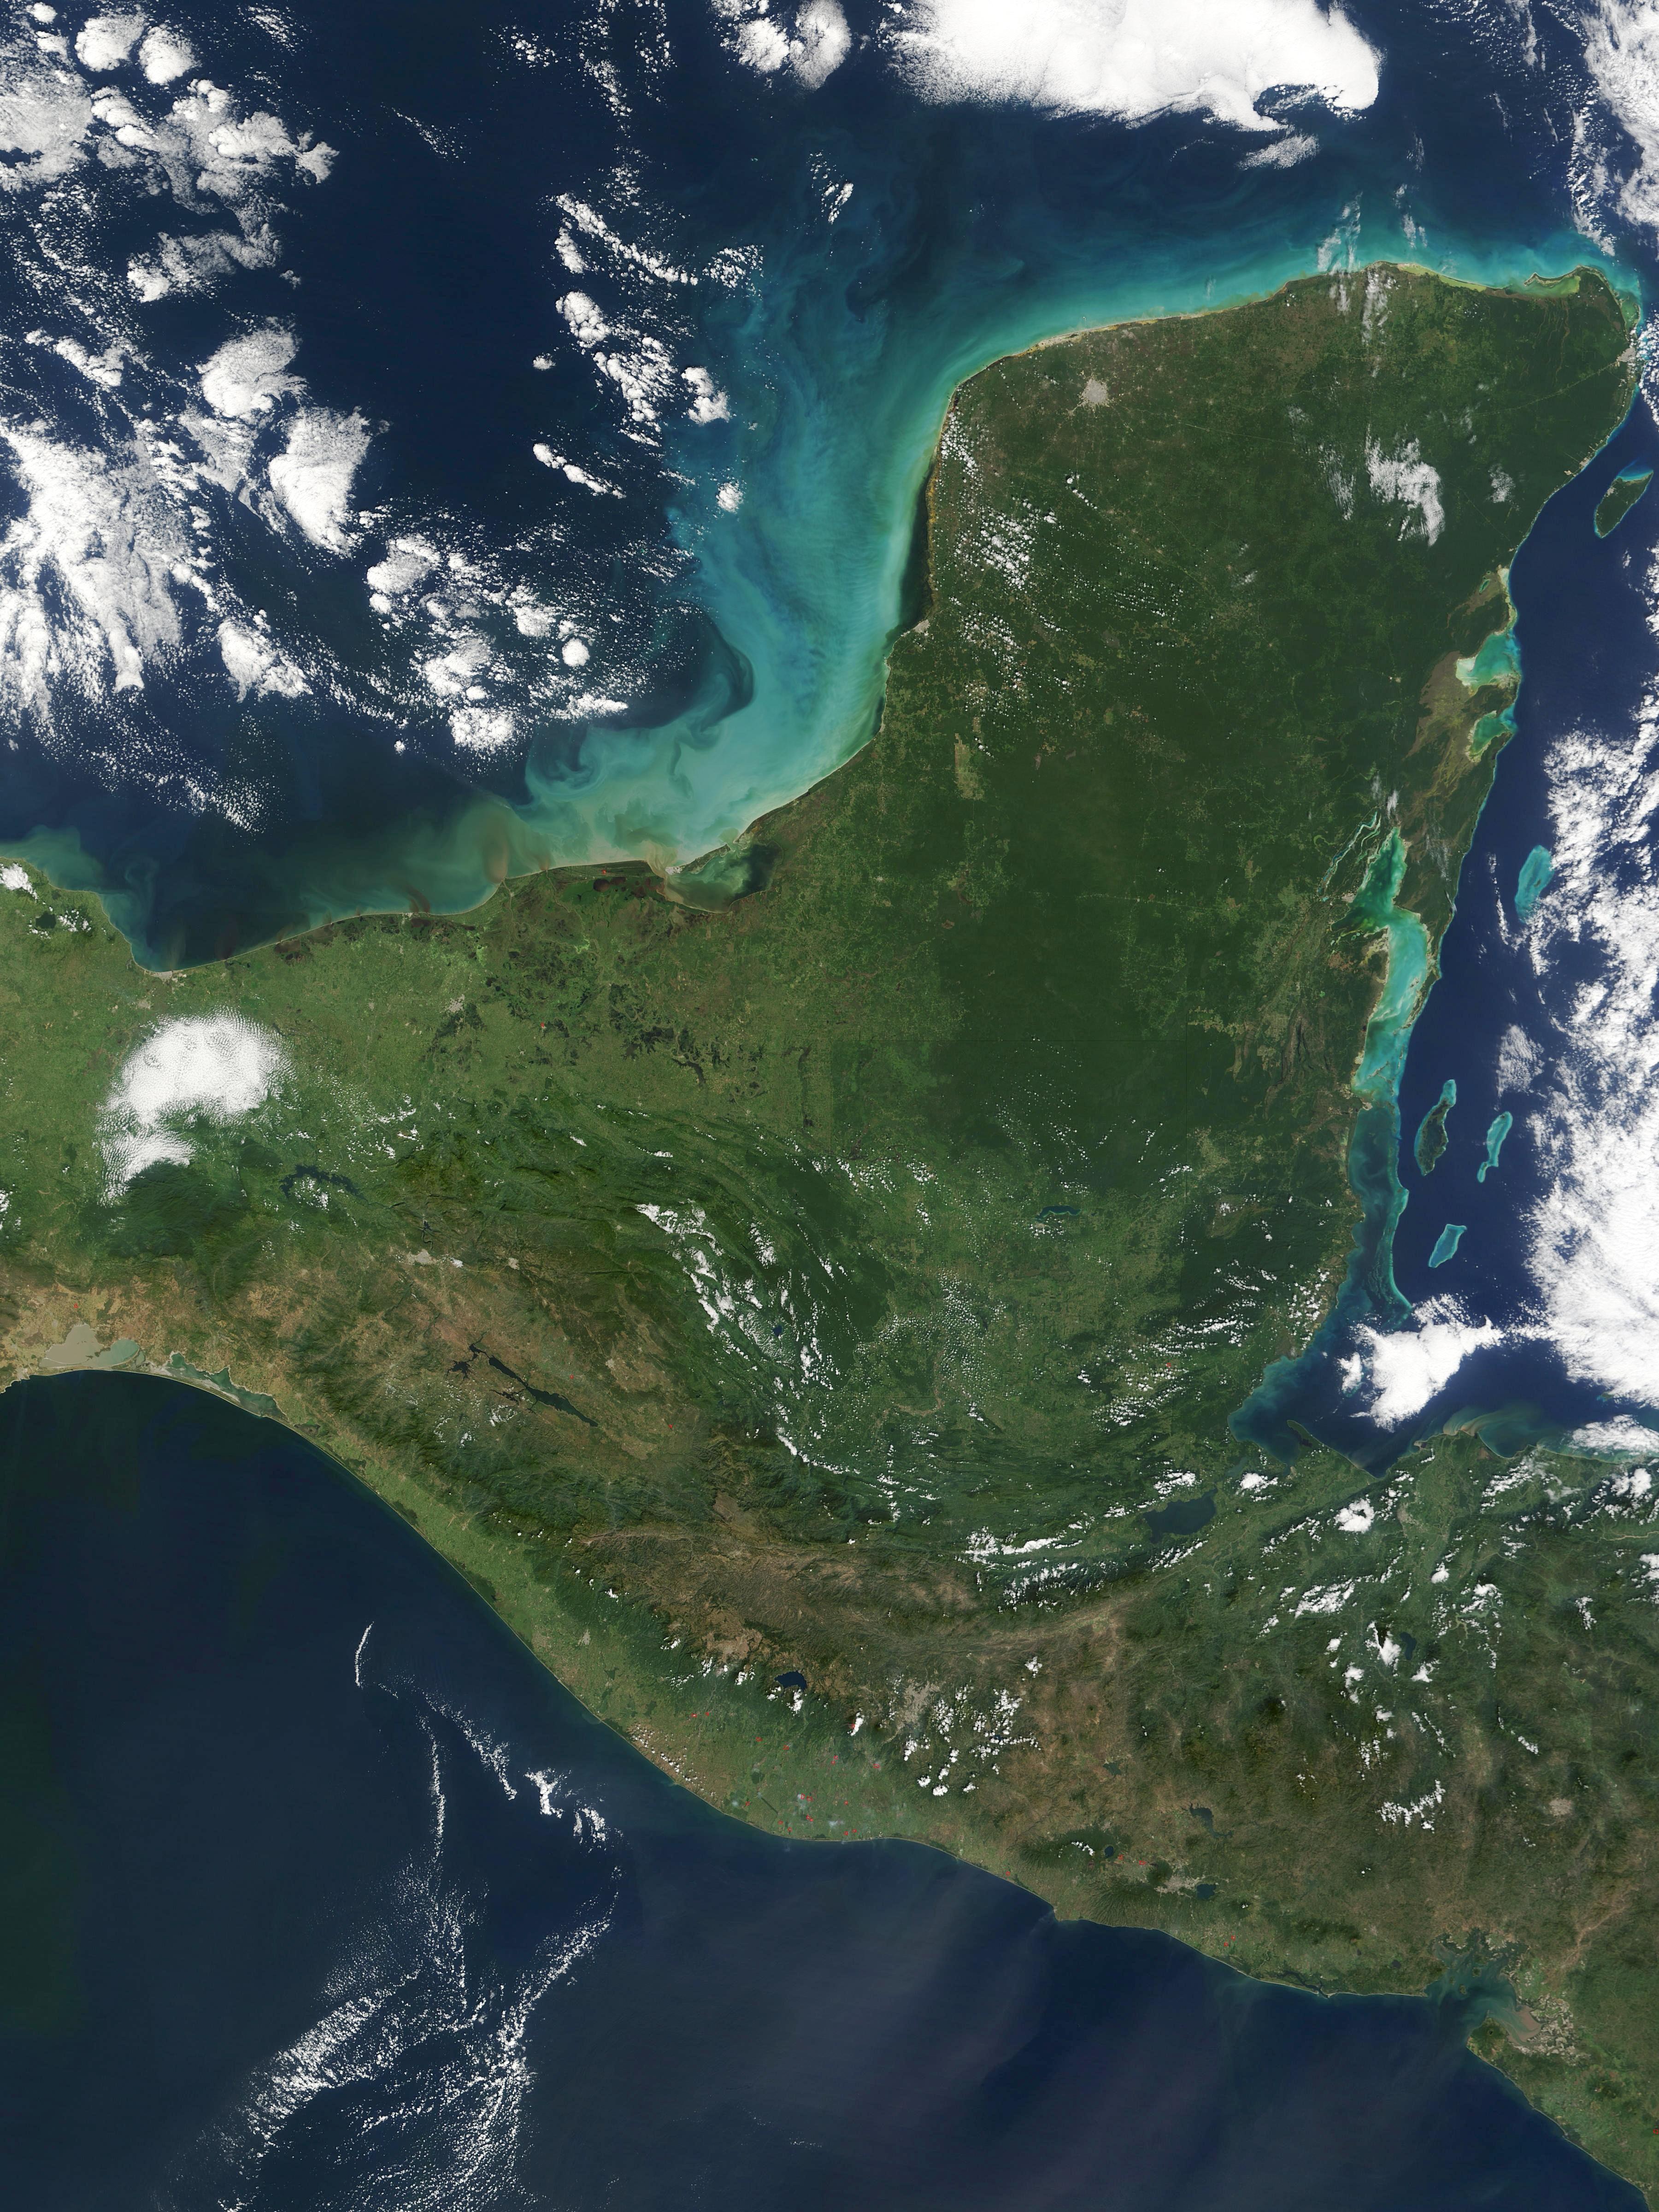 Yucatan Peninsula as seen from Space - Wikipedia